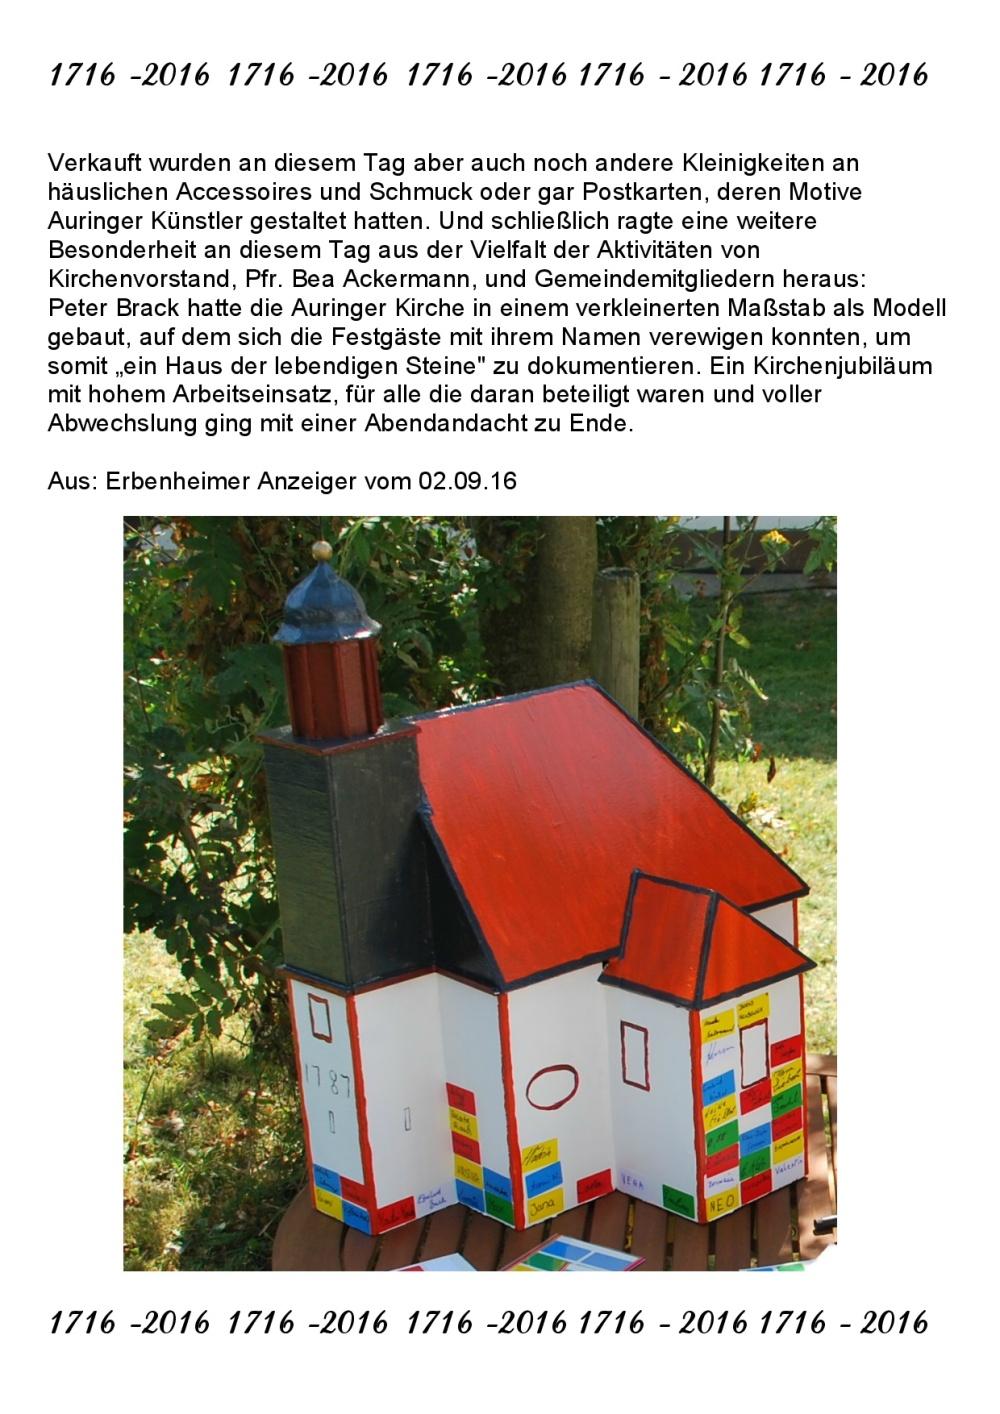 2016-08-28-gemeindefest-009